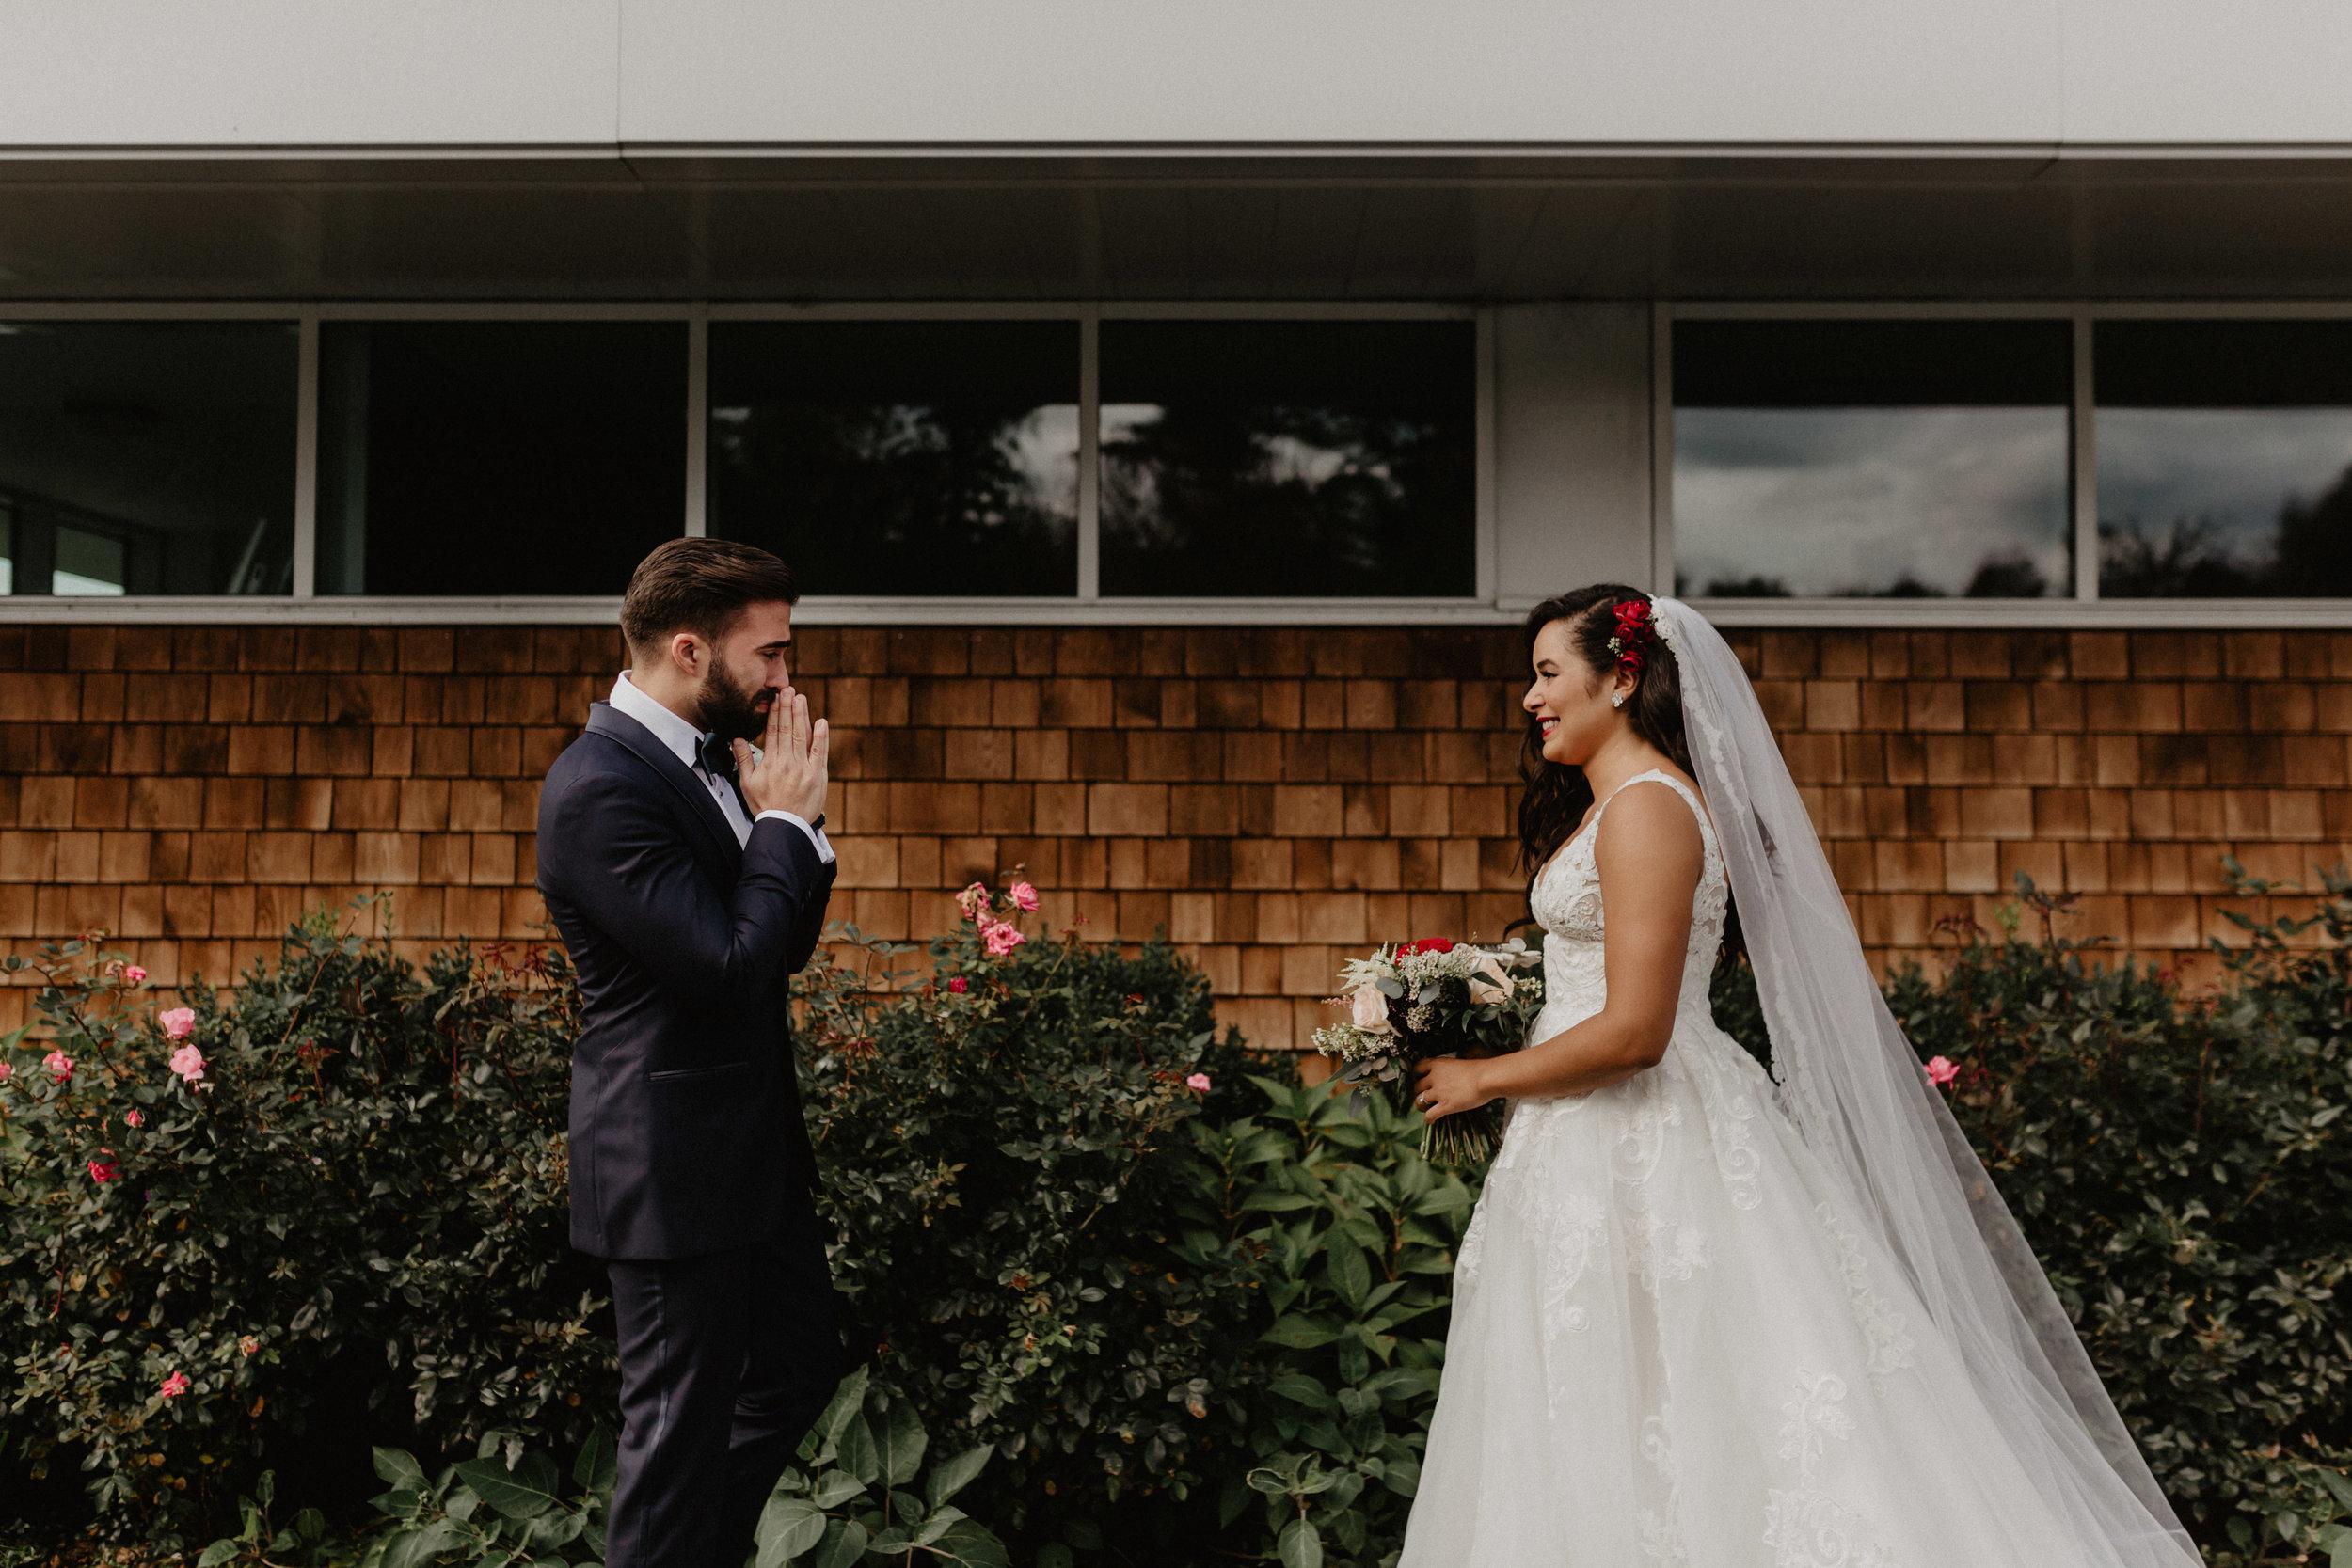 garrison_wedding_photos_030.jpg